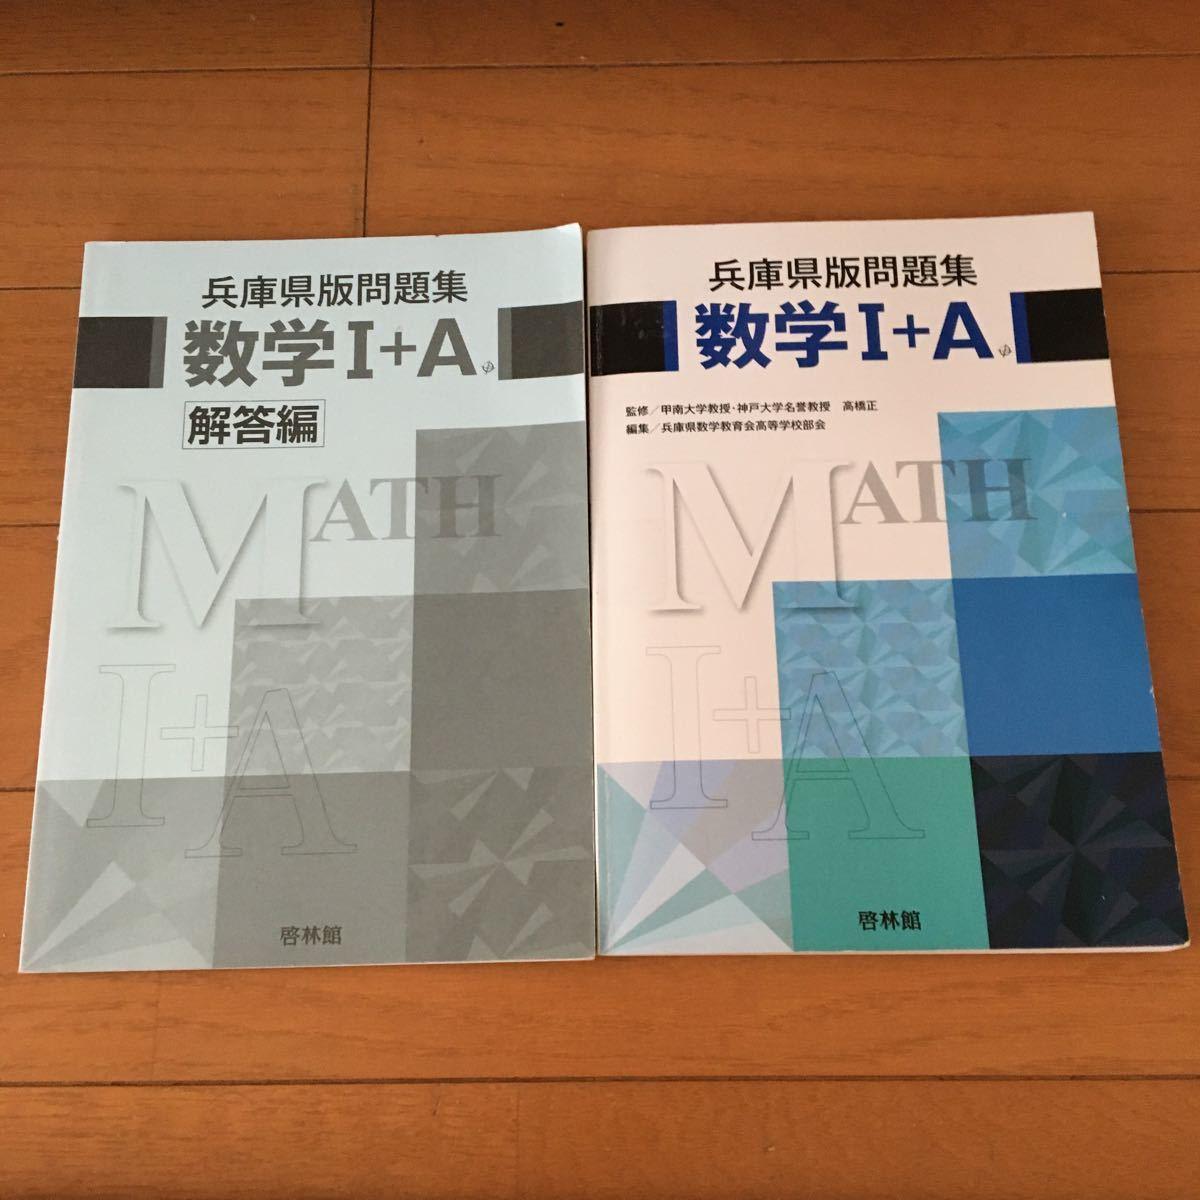 数学I+A 兵庫県版問題集 高校 演習問題 問題集